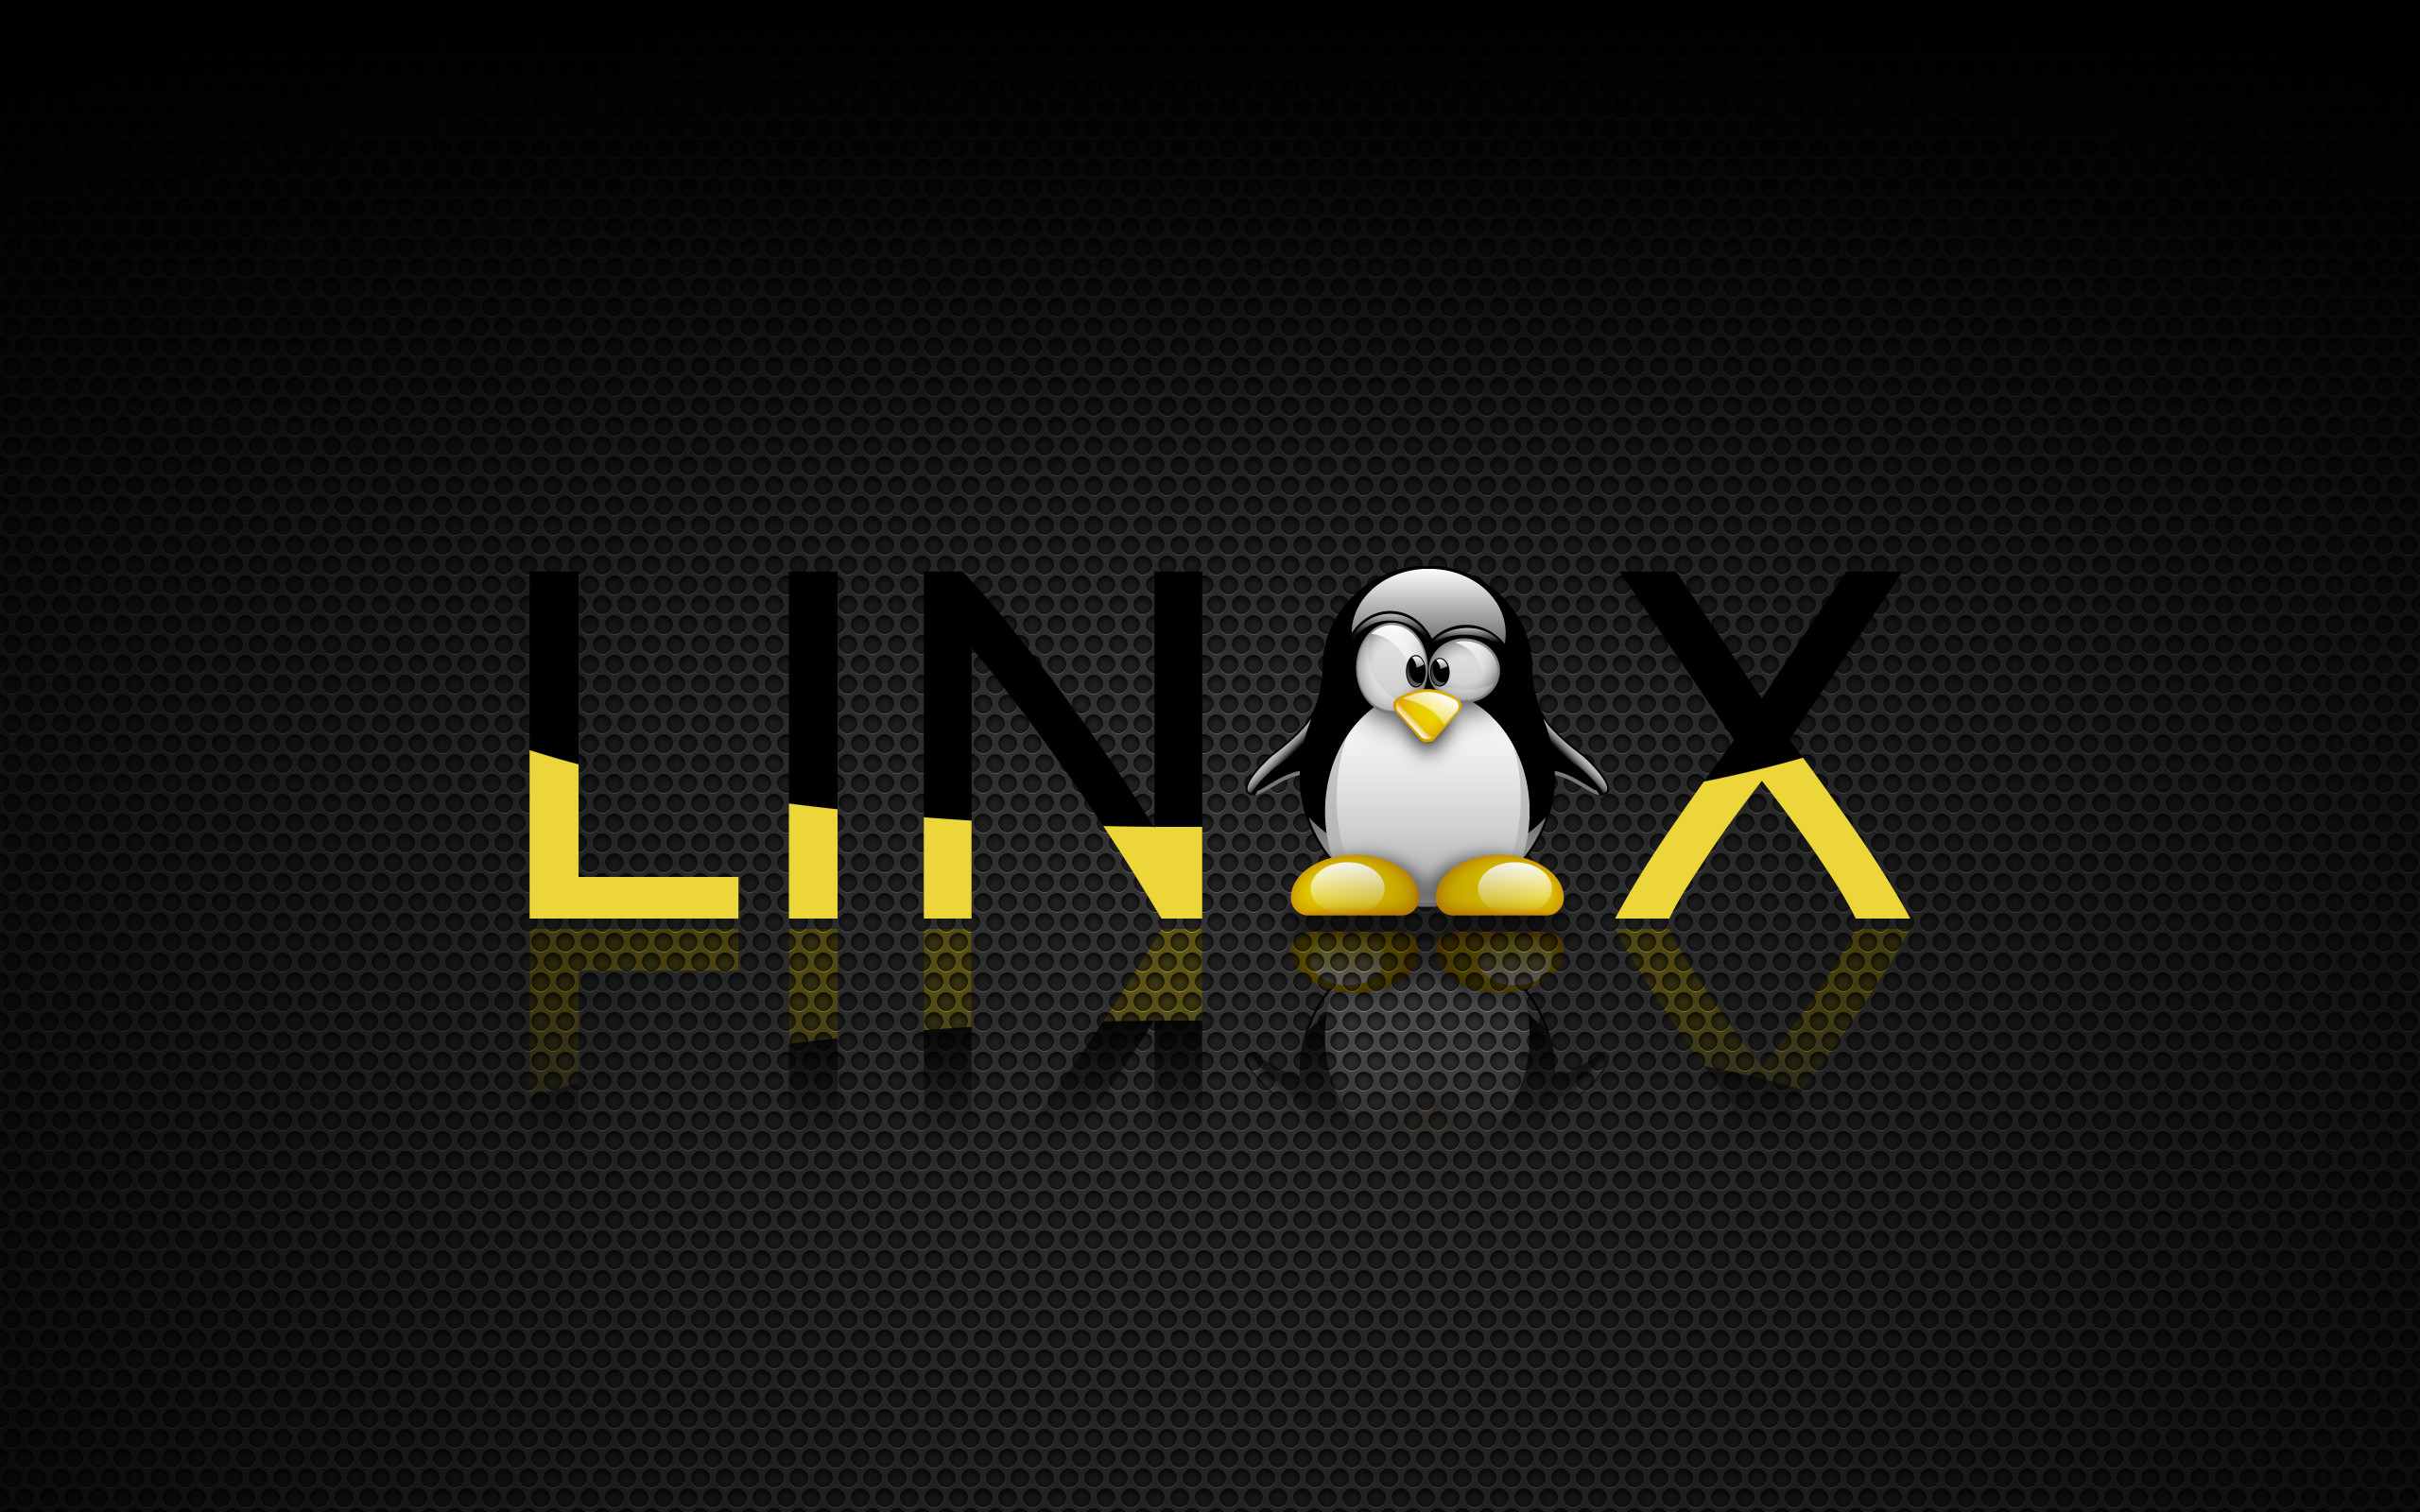 En iyi linux uygulamaları hangileridir?